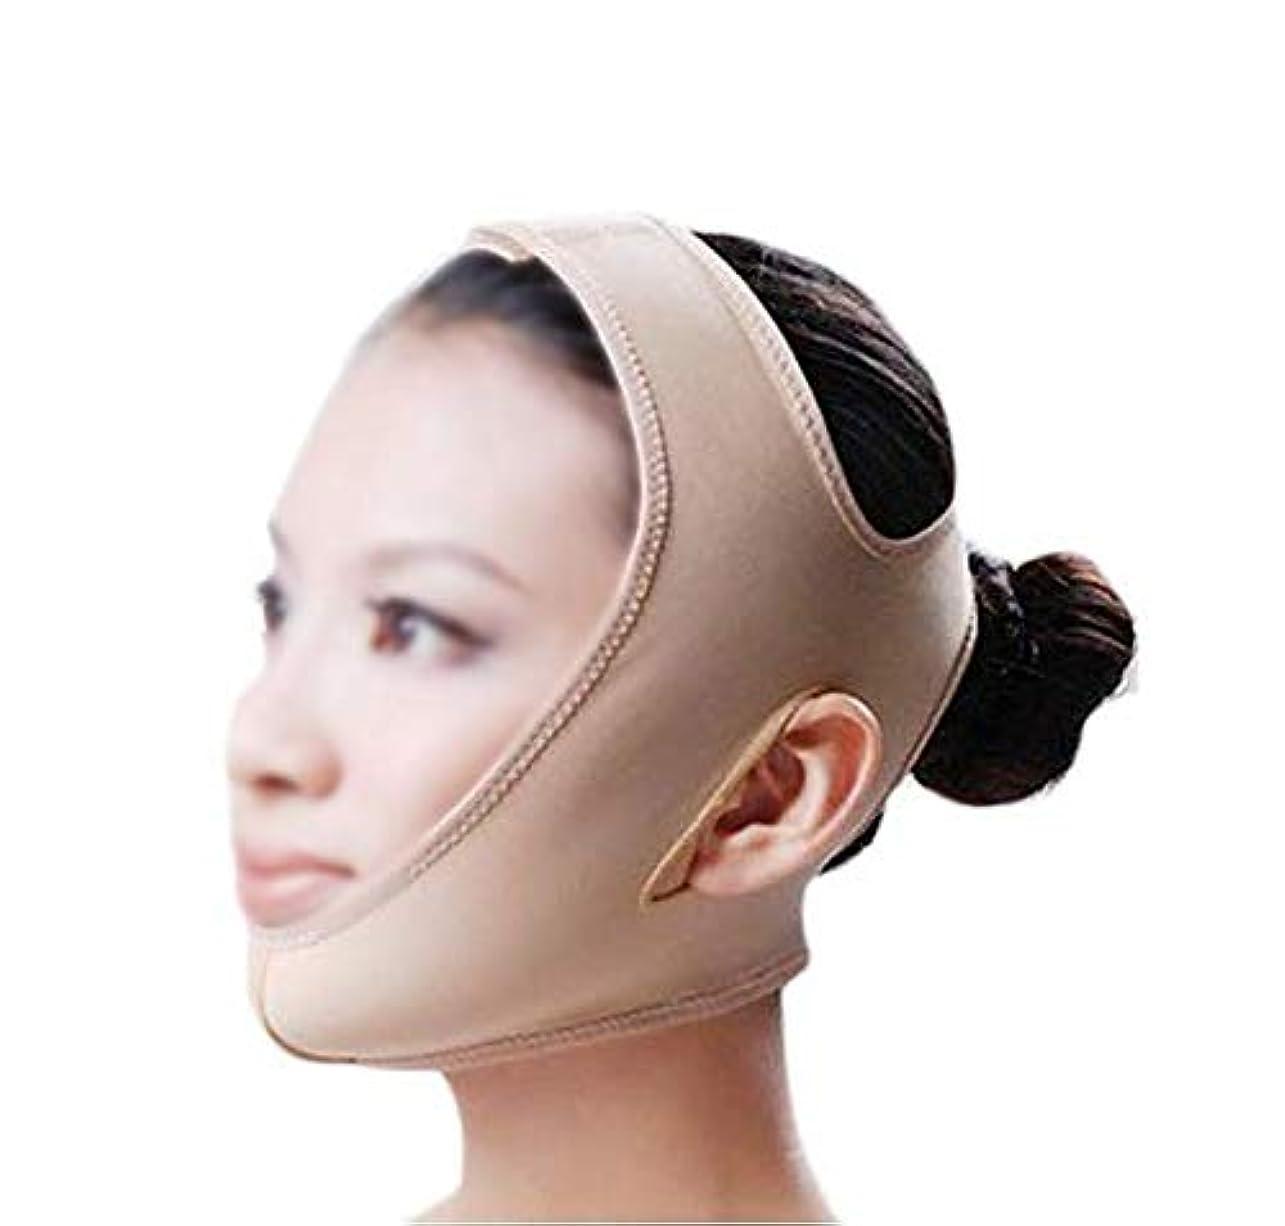 誘惑体操選手終わったTLMY 引き締めマスクマスクフェイシャルマスク美容薬マスク美容V顔包帯ライン彫刻引き締めしっかりした二重あごマスク 顔用整形マスク (Size : S)